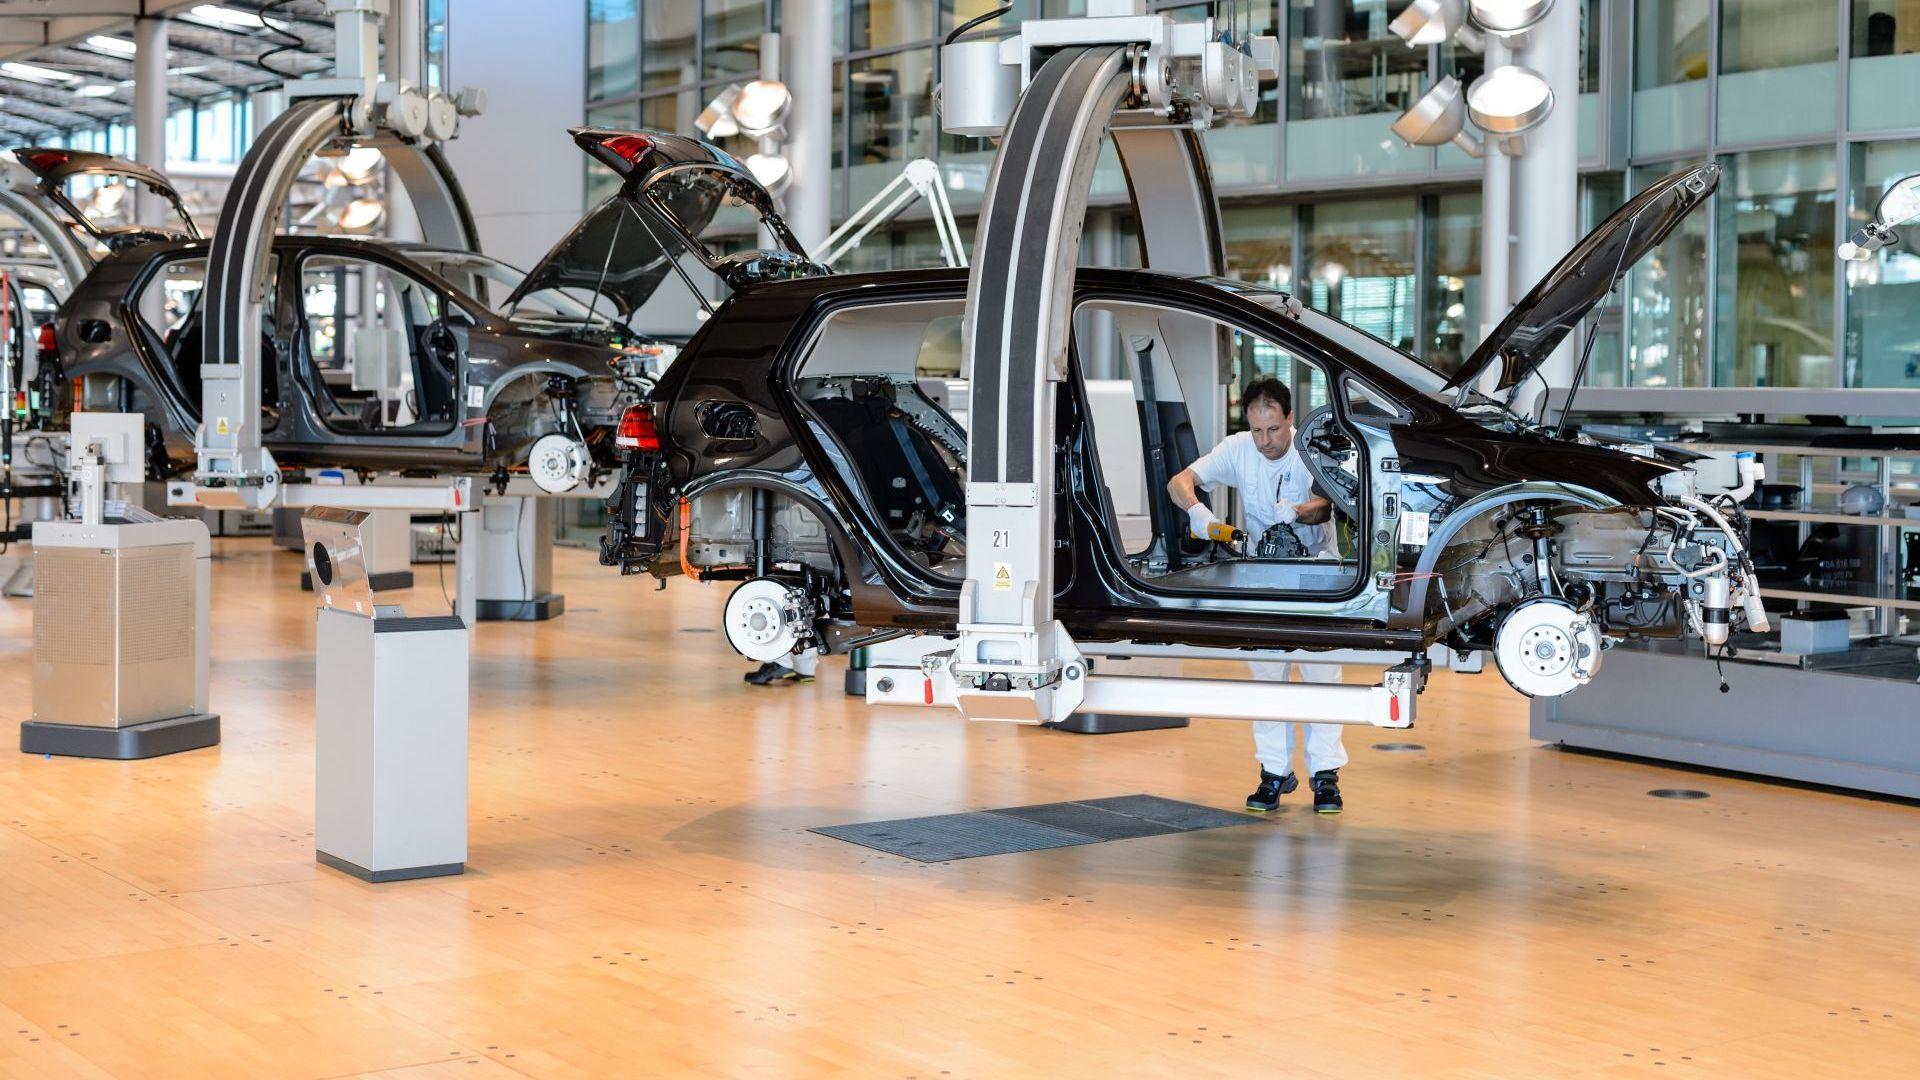 Фолксваген спира производството си в Алжир заради политическата криза